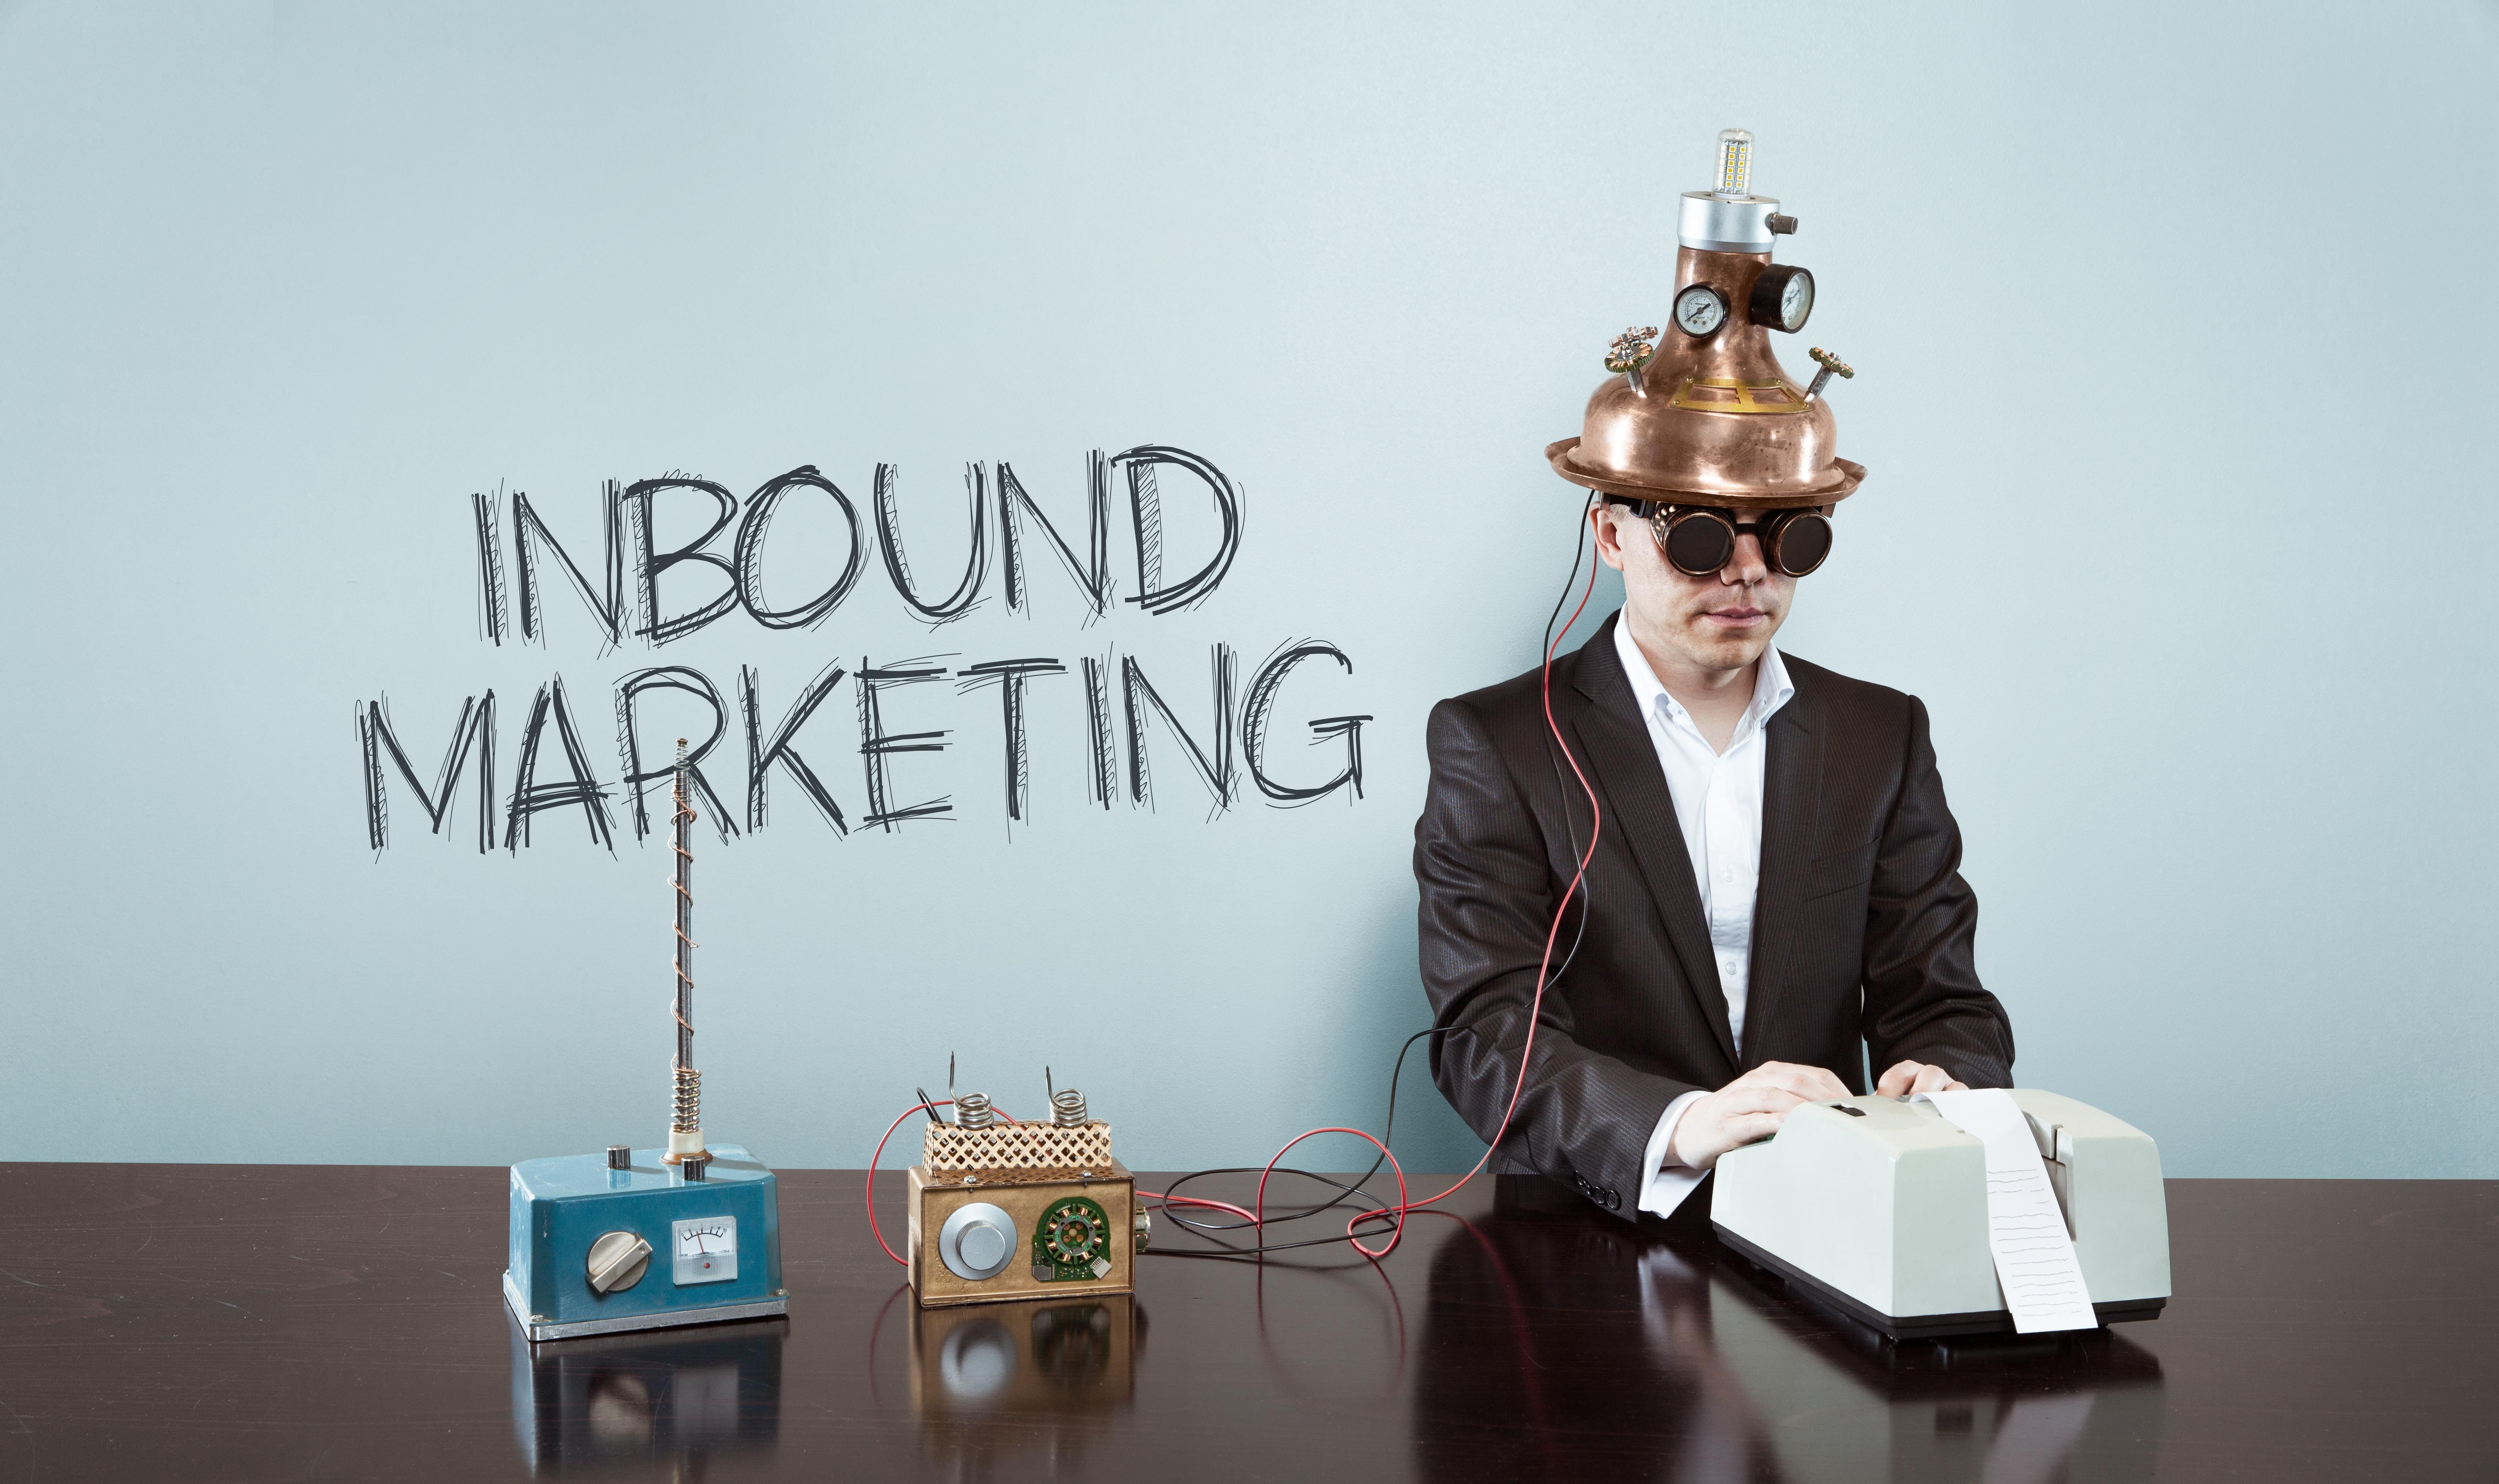 inbound marketing plans